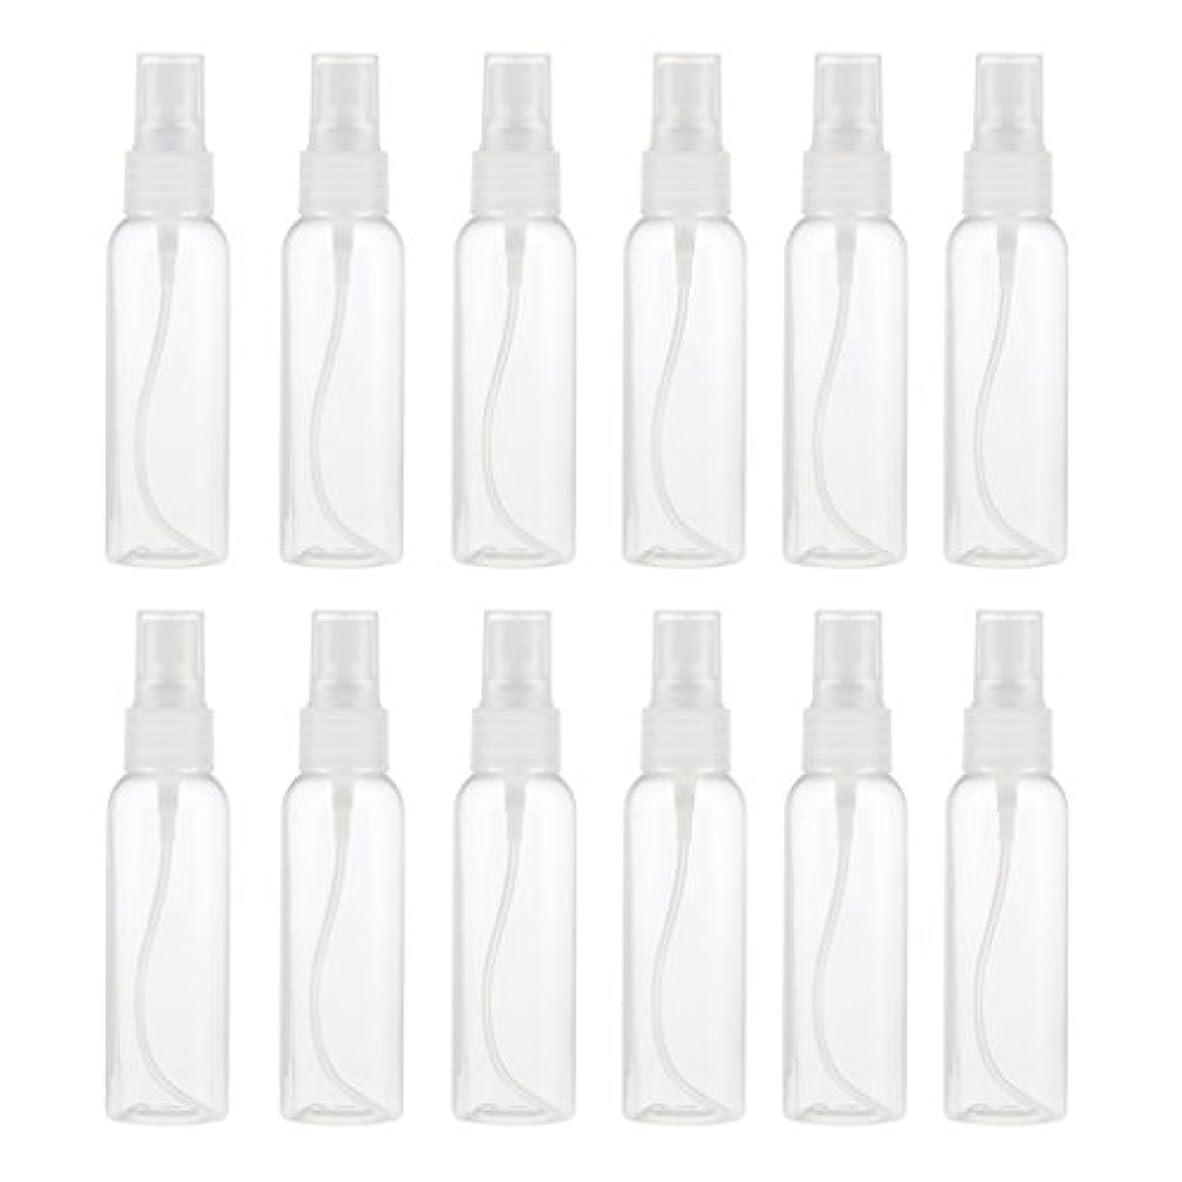 鈍い機械的人種お買得 プラスチック 分装瓶 スプレーボトル ミストアトマイザー 液体香水 詰め替え 旅行用 60ml 12PCS - クリア